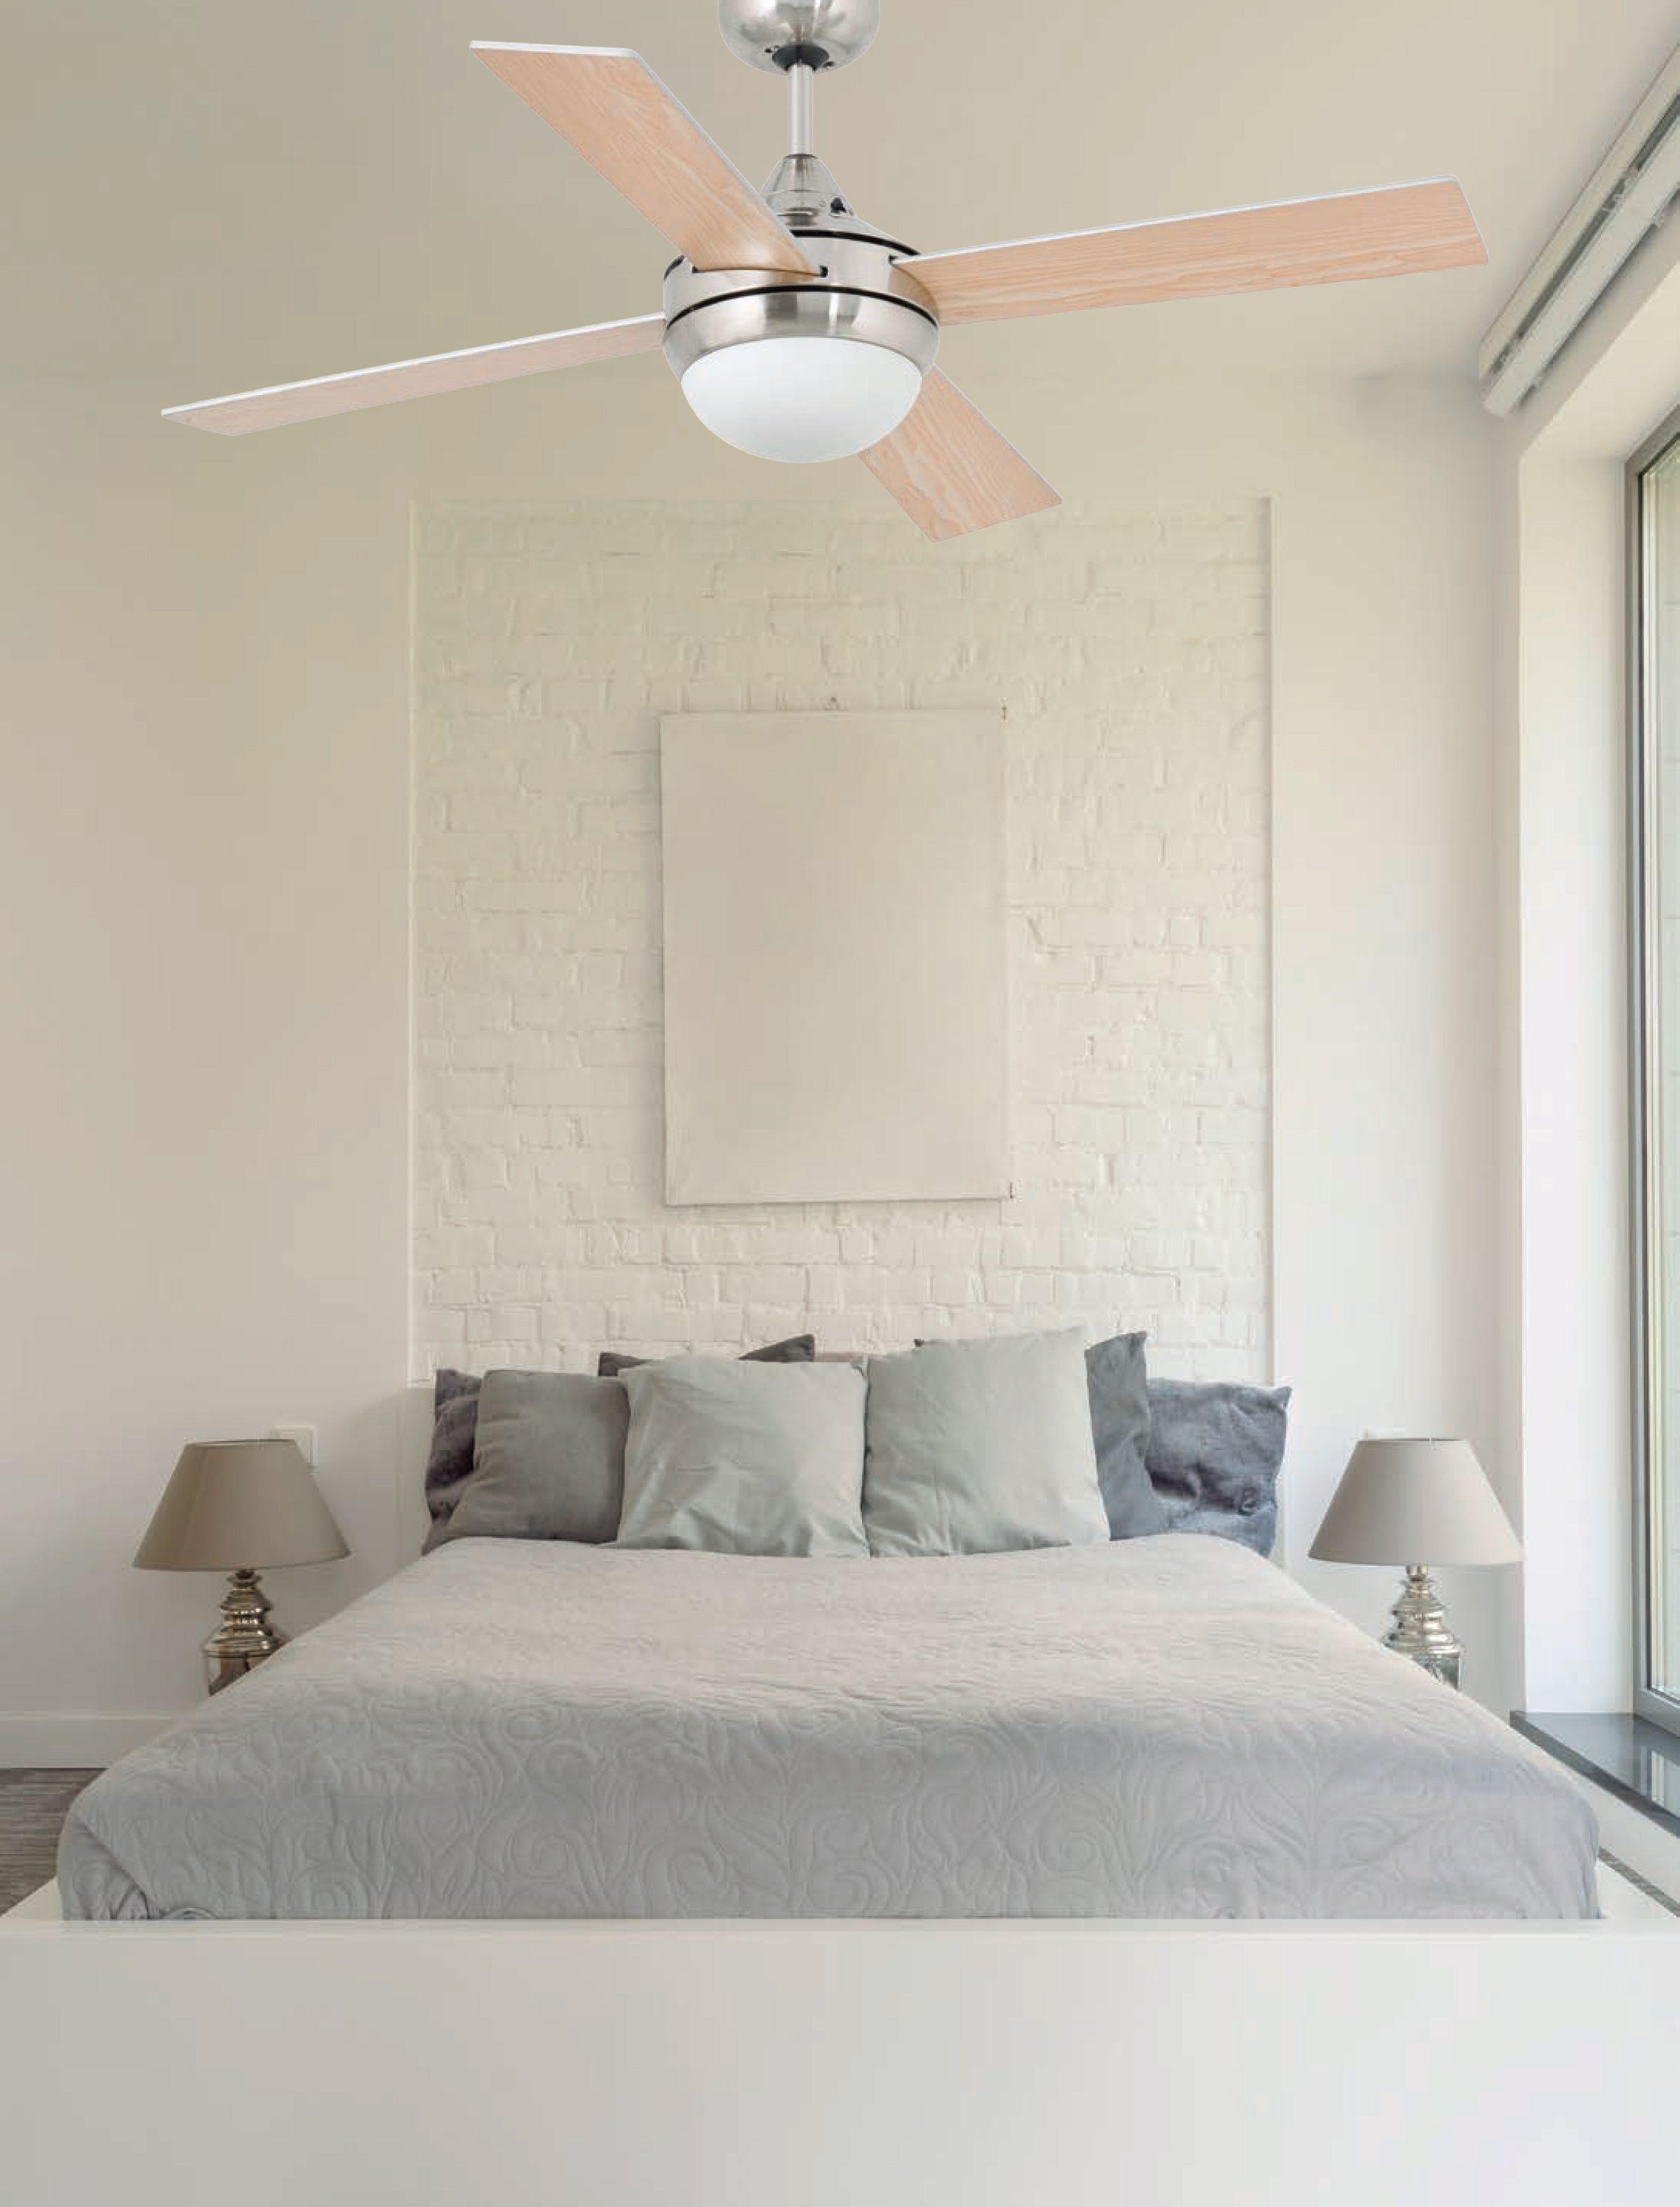 Faro Modern Bedroom Set: Ventilador De Techo Con Luz Mini Icaria 33699 Níquel Ø